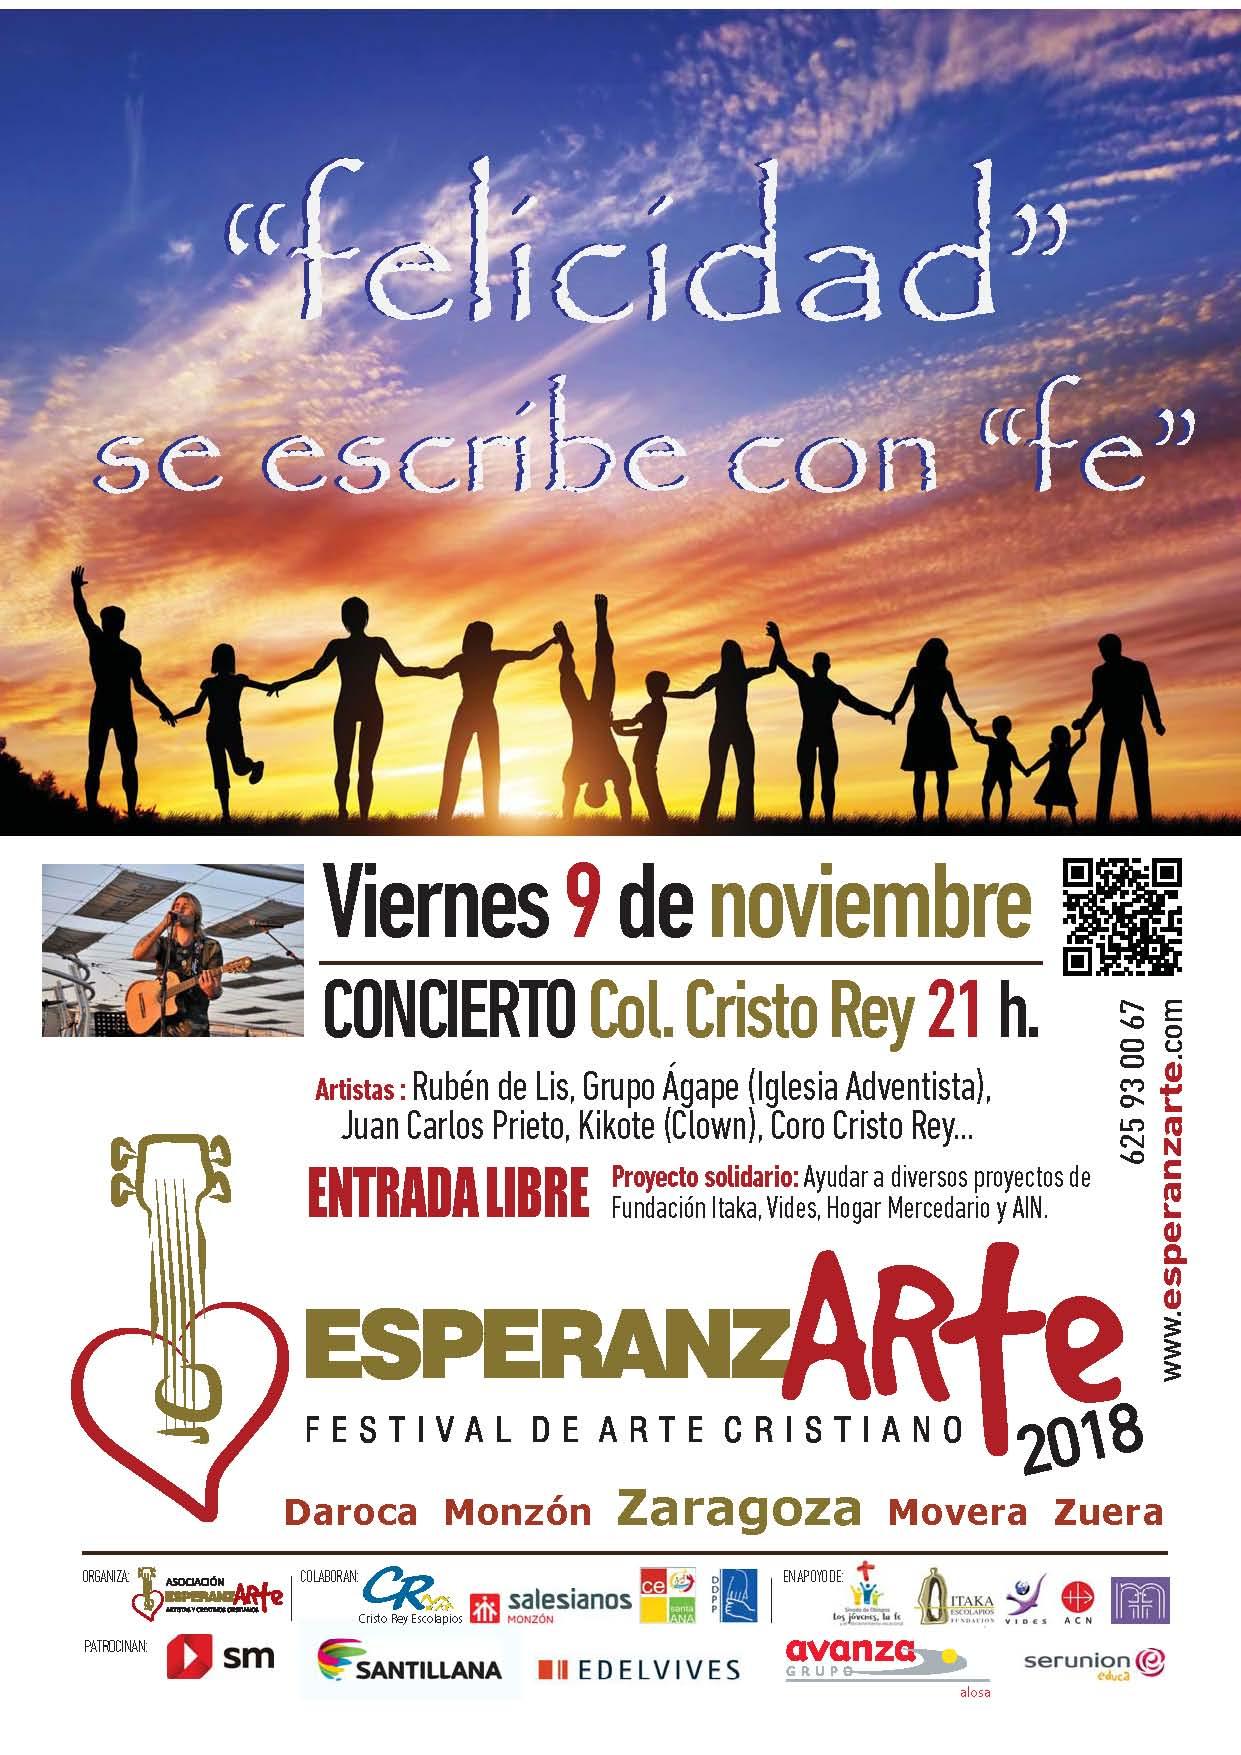 Festival EsperanzARTE 2018 a favor de VIDES